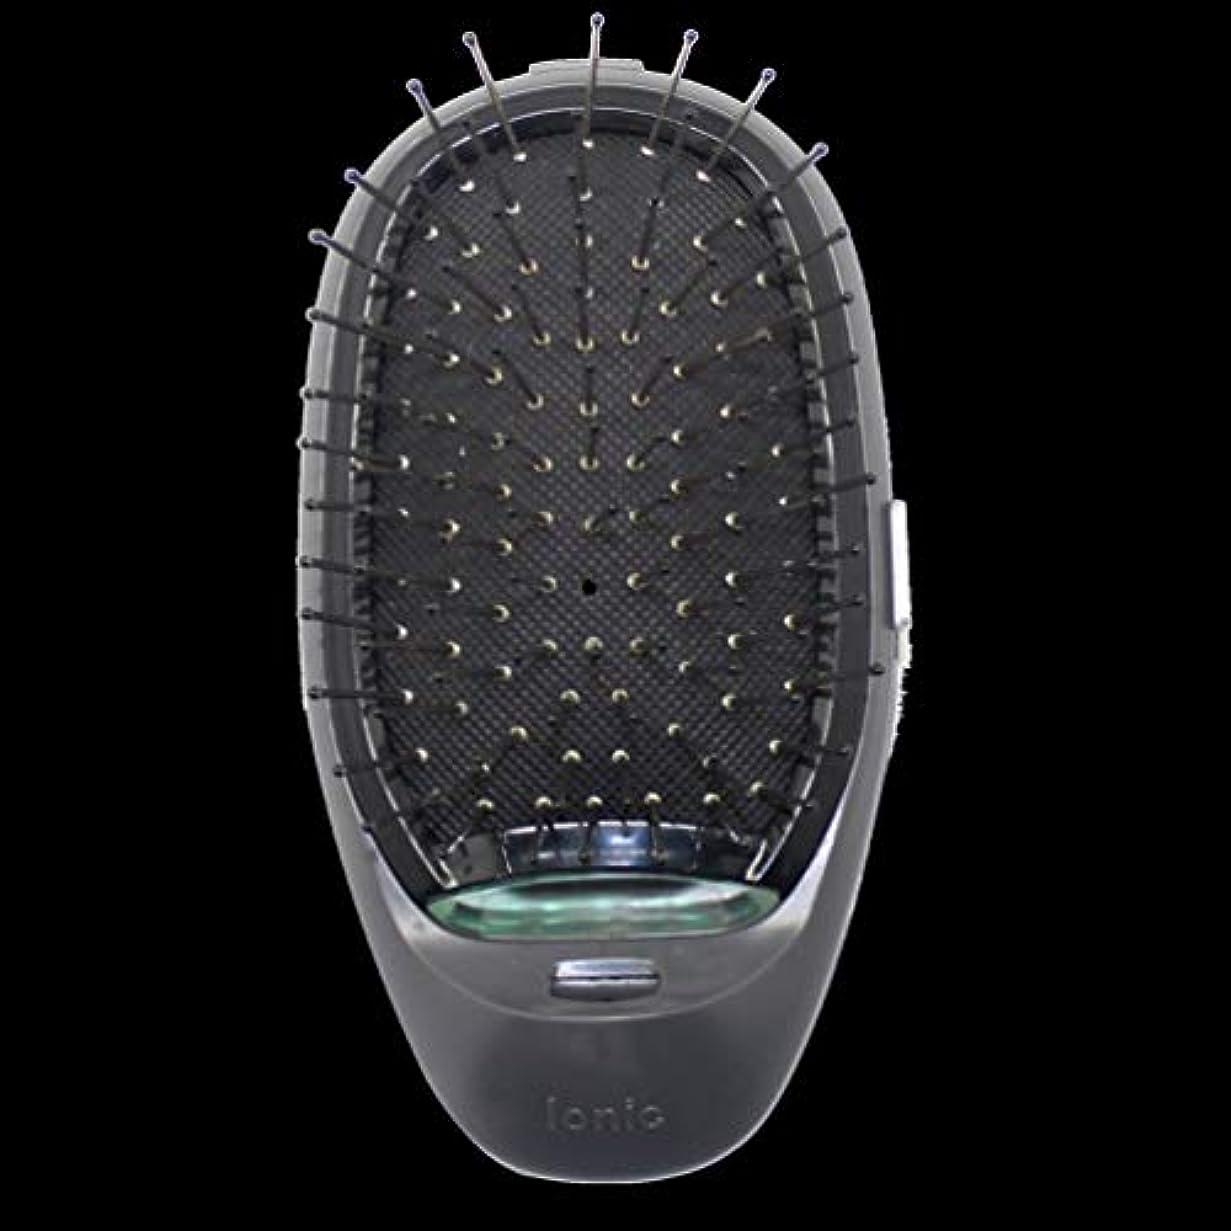 薬を飲む馬鹿電動マッサージヘアブラシミニマイナスイオンヘアコム3Dインフレータブルコーム帯電防止ガールズヘアブラシ電池式 - ブラック